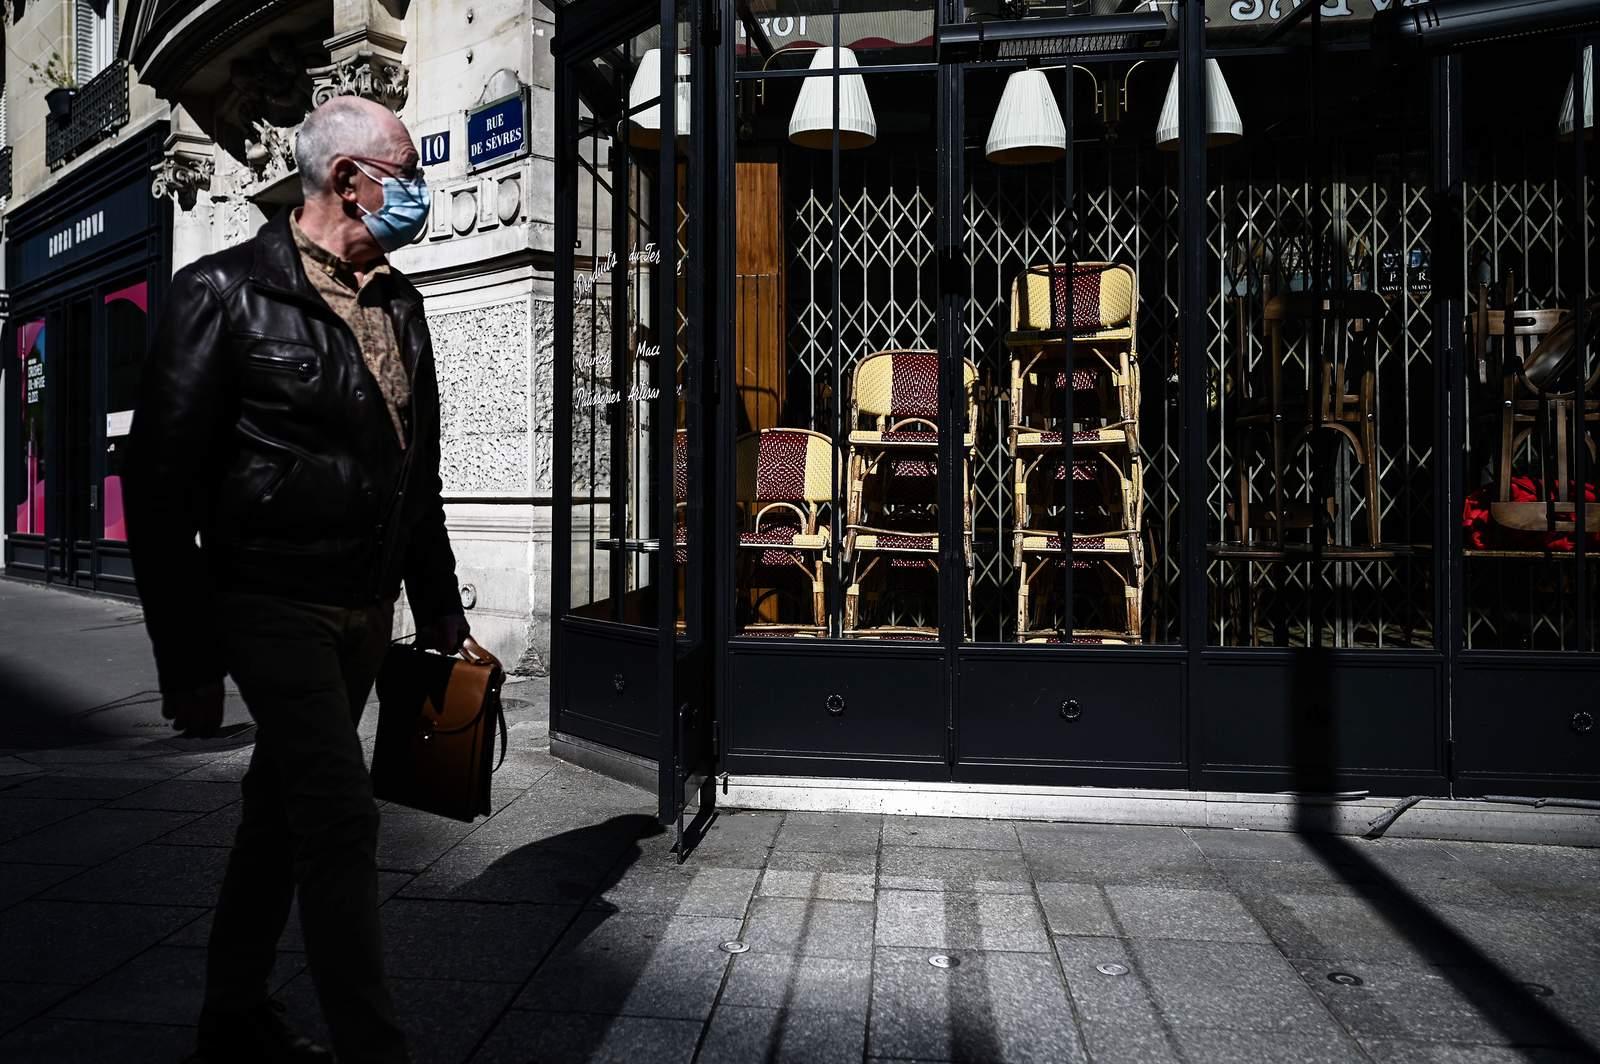 Fransa'da korona virüs salgınında son 24 saatte 25 bin 379 yeni vaka